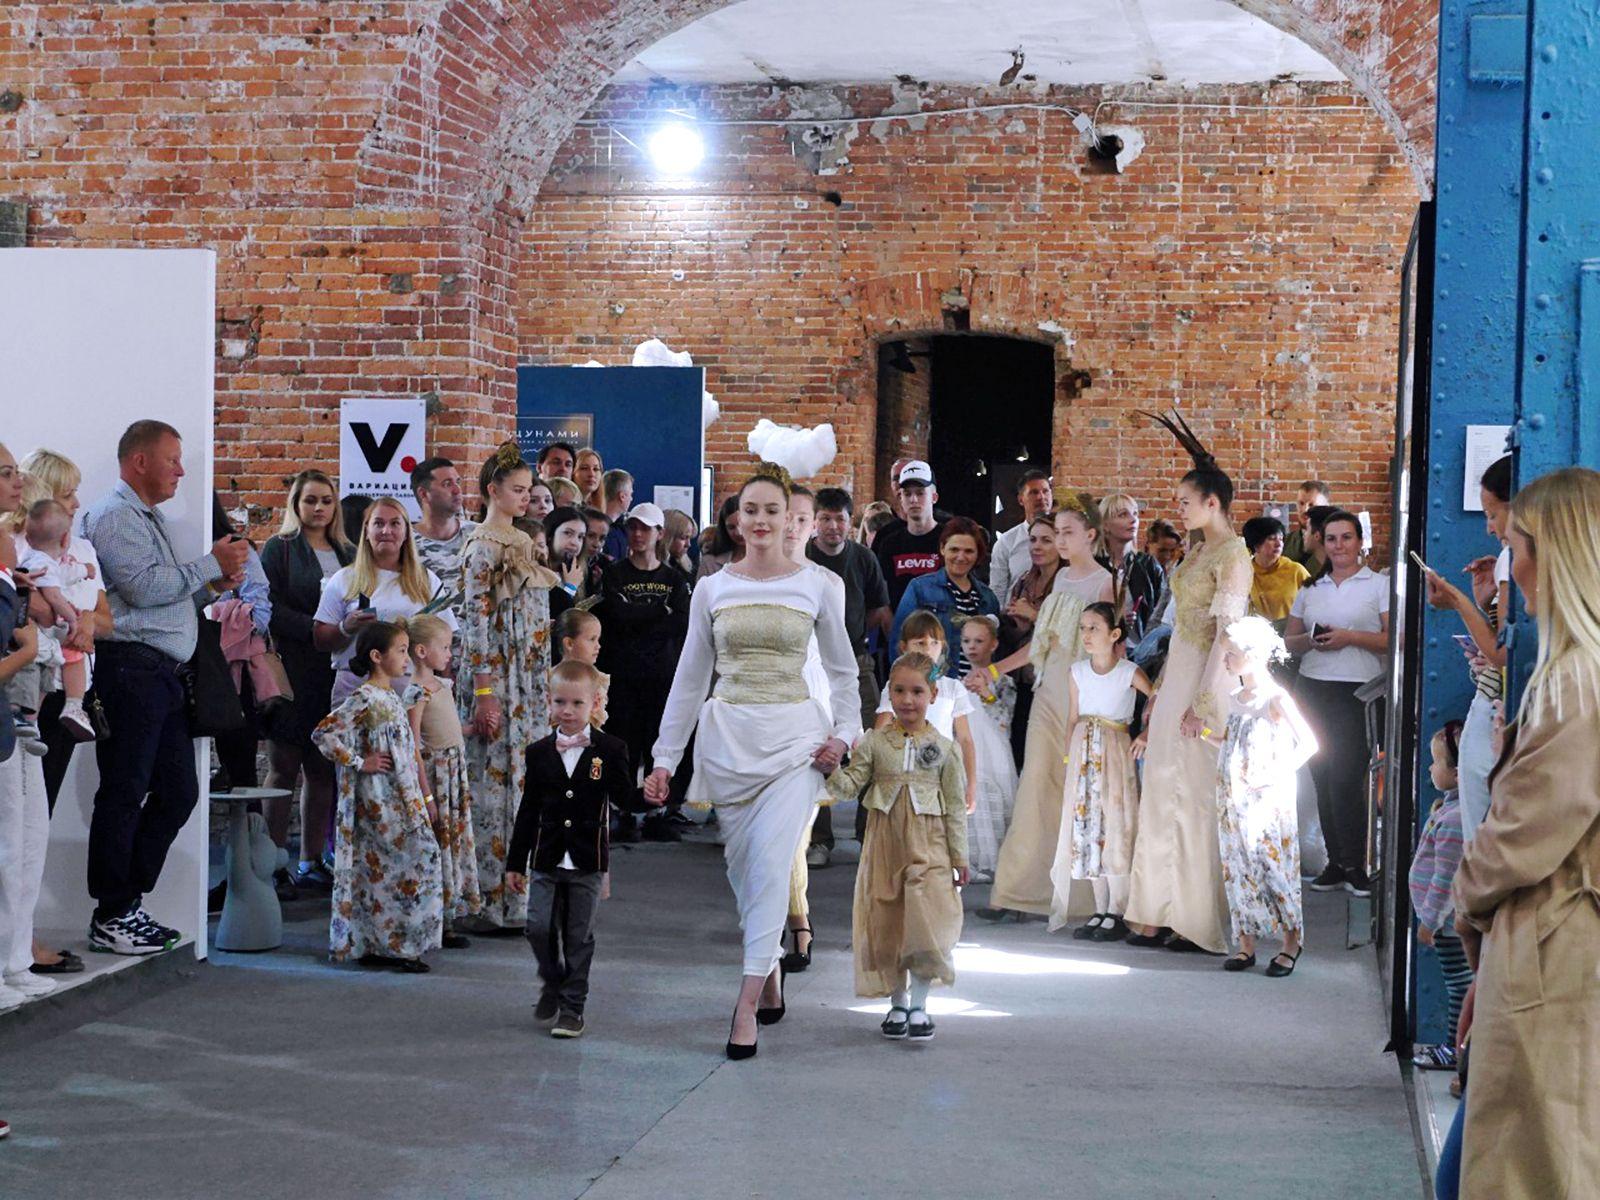 Выпускные проекты студентов направления «Дизайн среды» ВГУЭС на Vladivostok Design Week – 2019 привлекли внимание потенциальных заказчиков